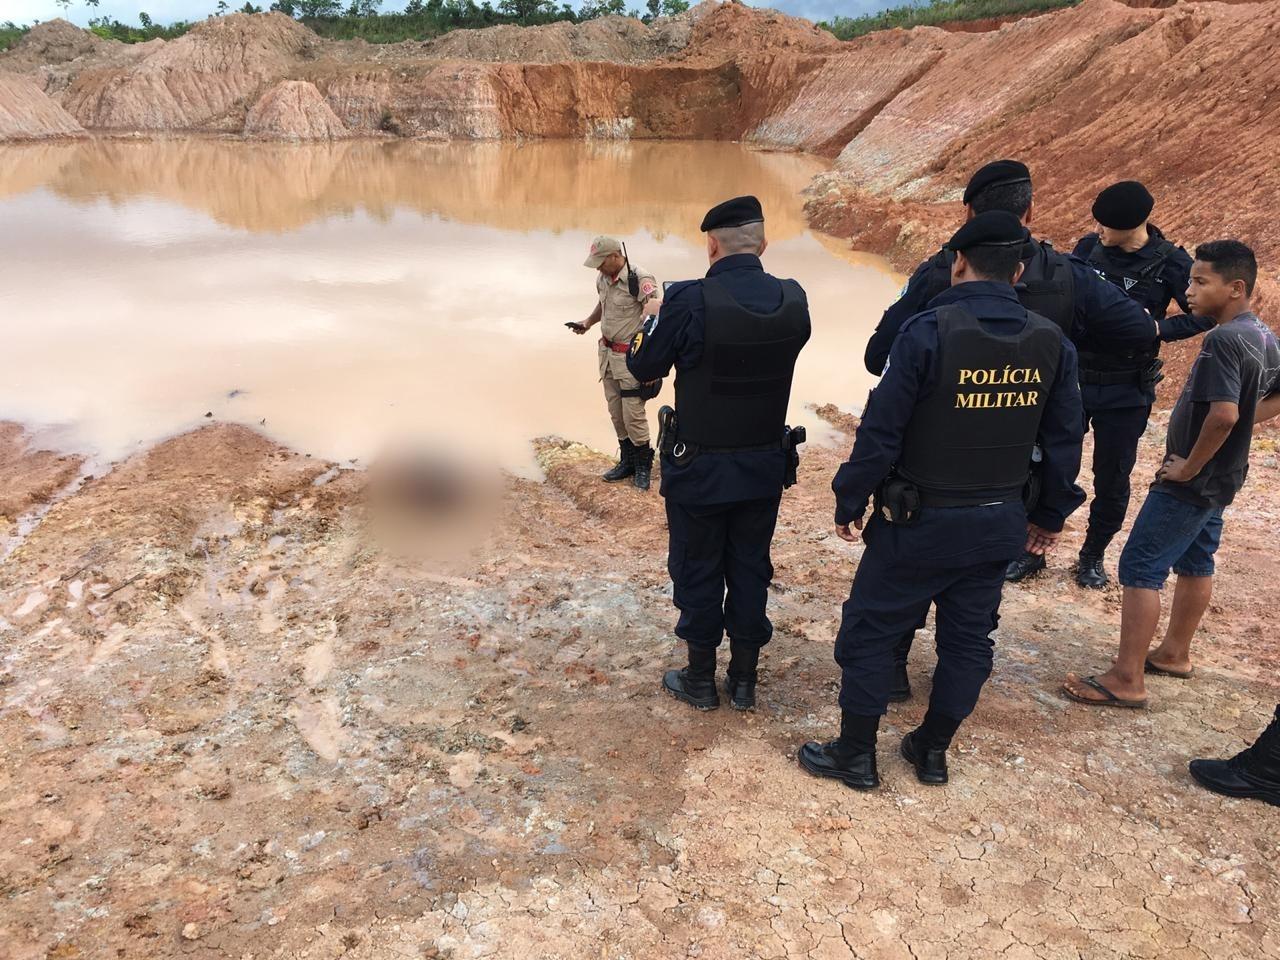 Menino é achado morto dentro de lago  em loteamento de Porto Velho - Notícias - Plantão Diário